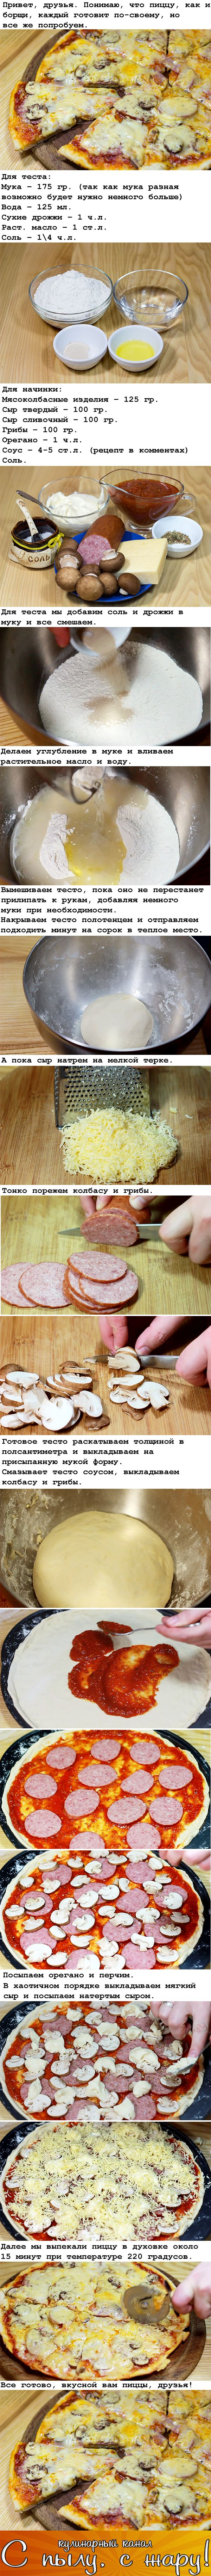 Домашняя пицца на тонком тесте http://pikabu.ru/story/domashnyaya_pitstsa_na_tonkom_teste_4016160